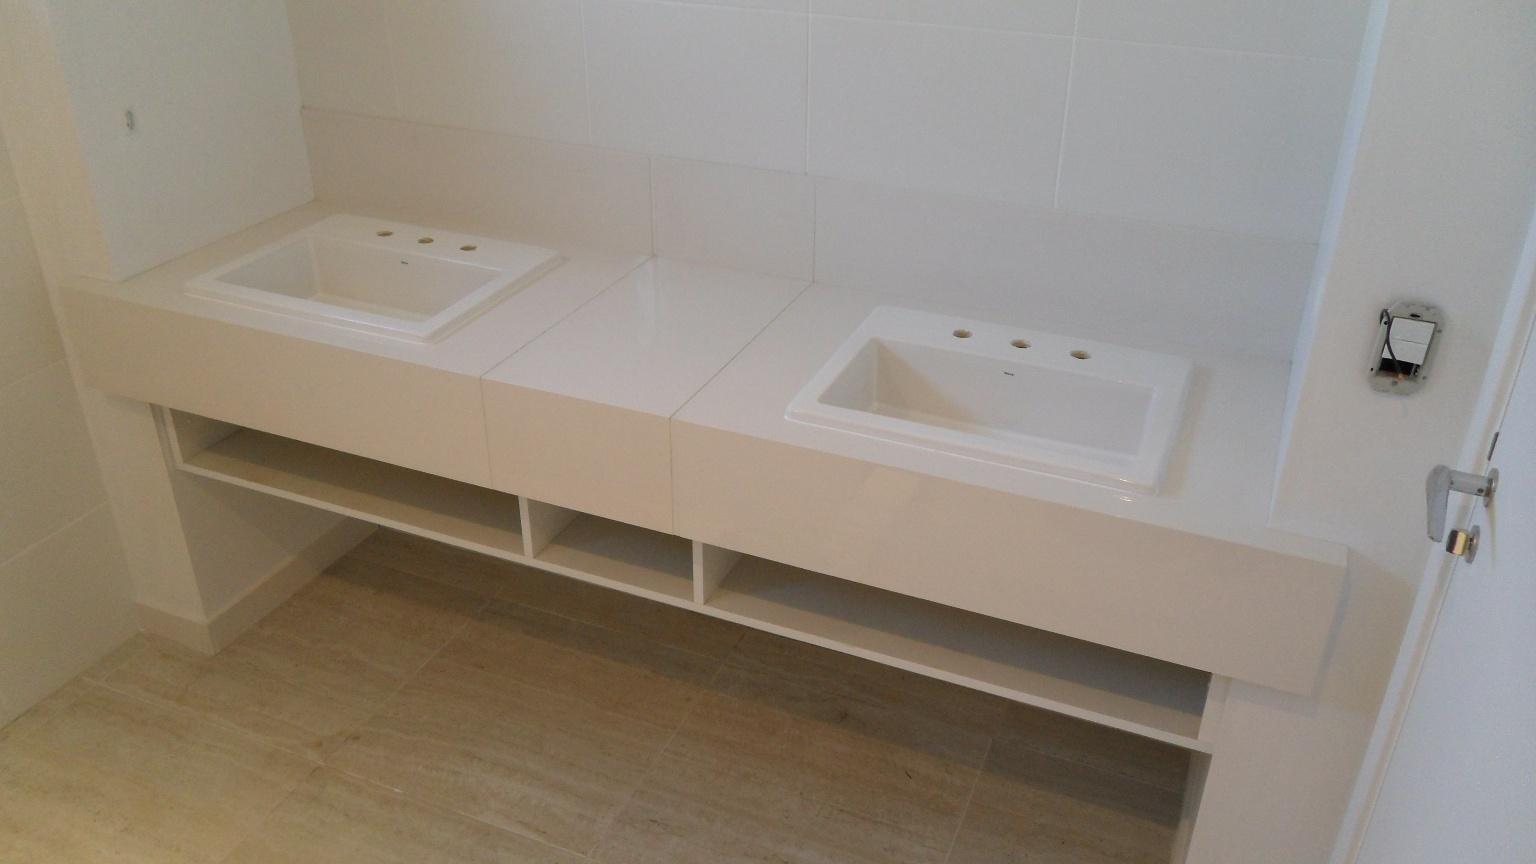 cortes especiais em porcelanato.: Bancada cuba dupla em porcelanato #604E37 1536x864 Banheiro Bancada Porcelanato